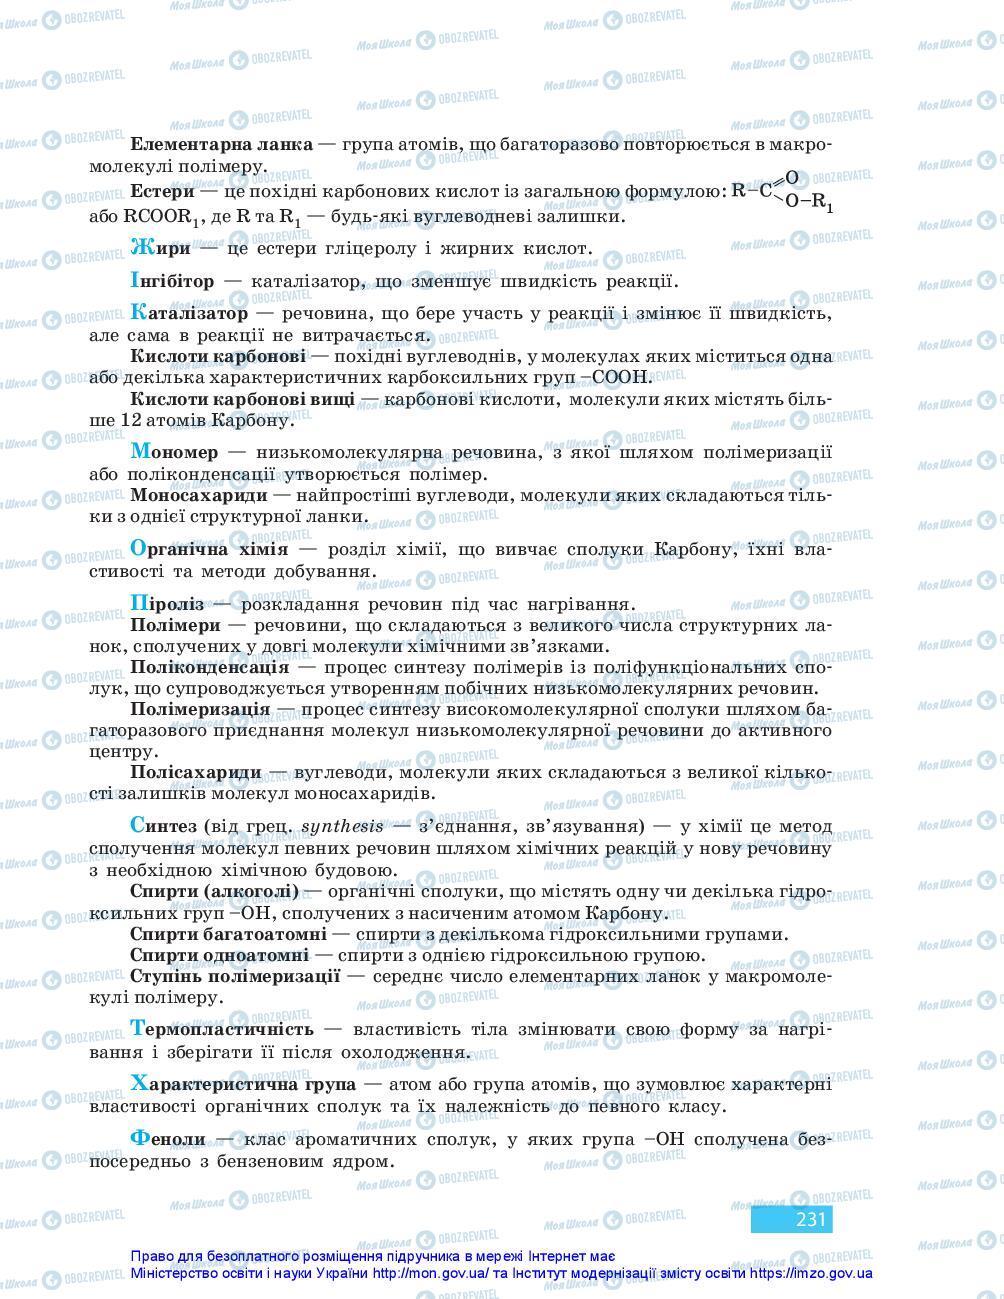 Підручники Хімія 10 клас сторінка 231